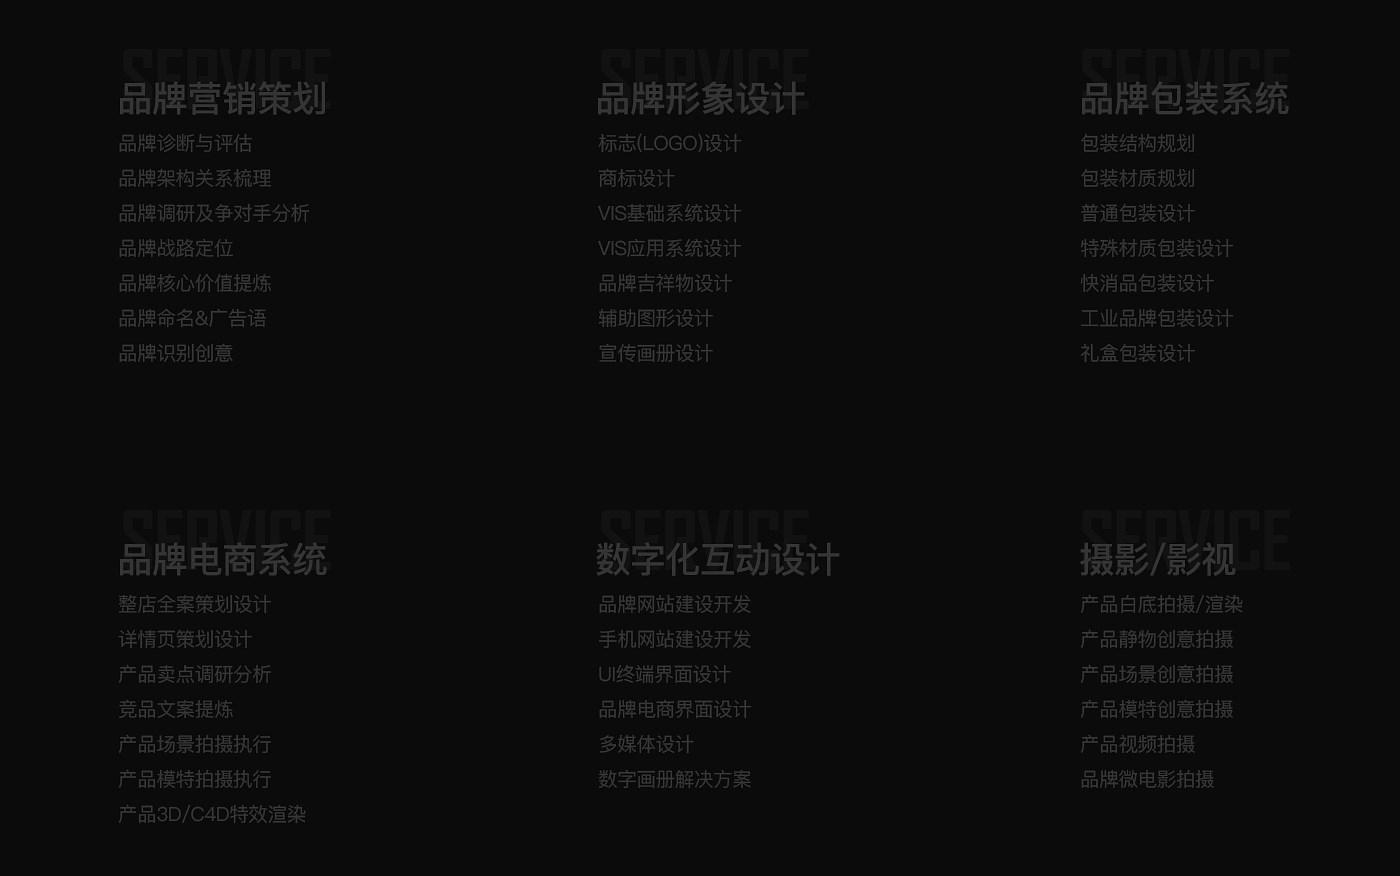 电商视觉_06.jpg